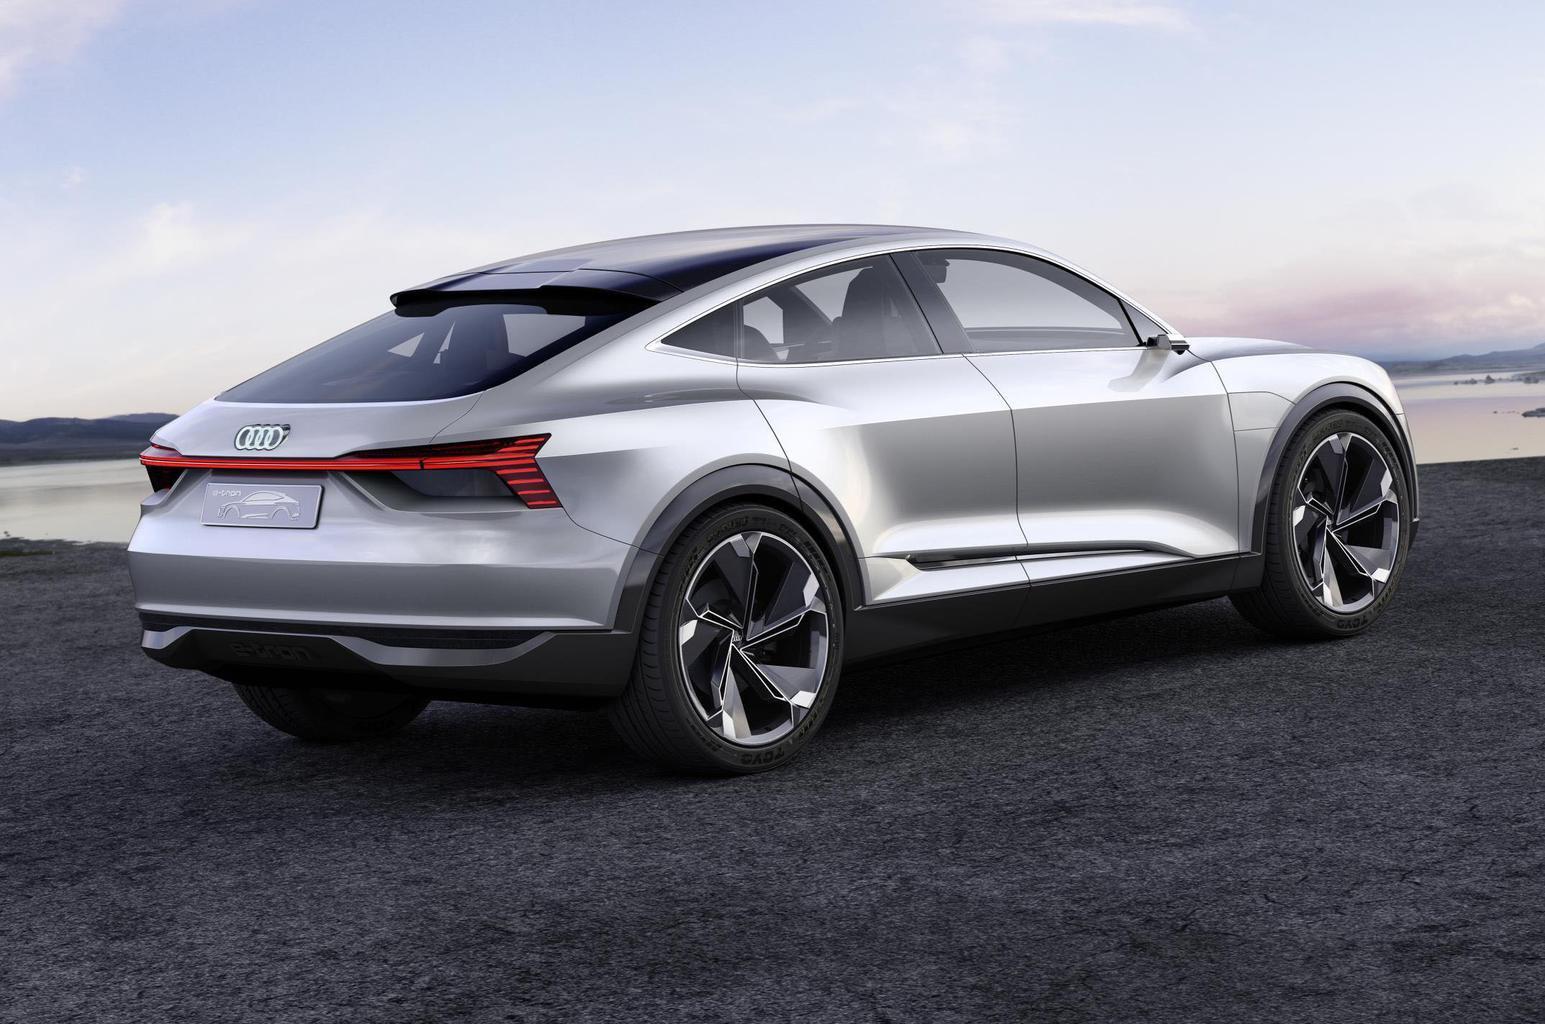 Audi E-tron Sportback rear